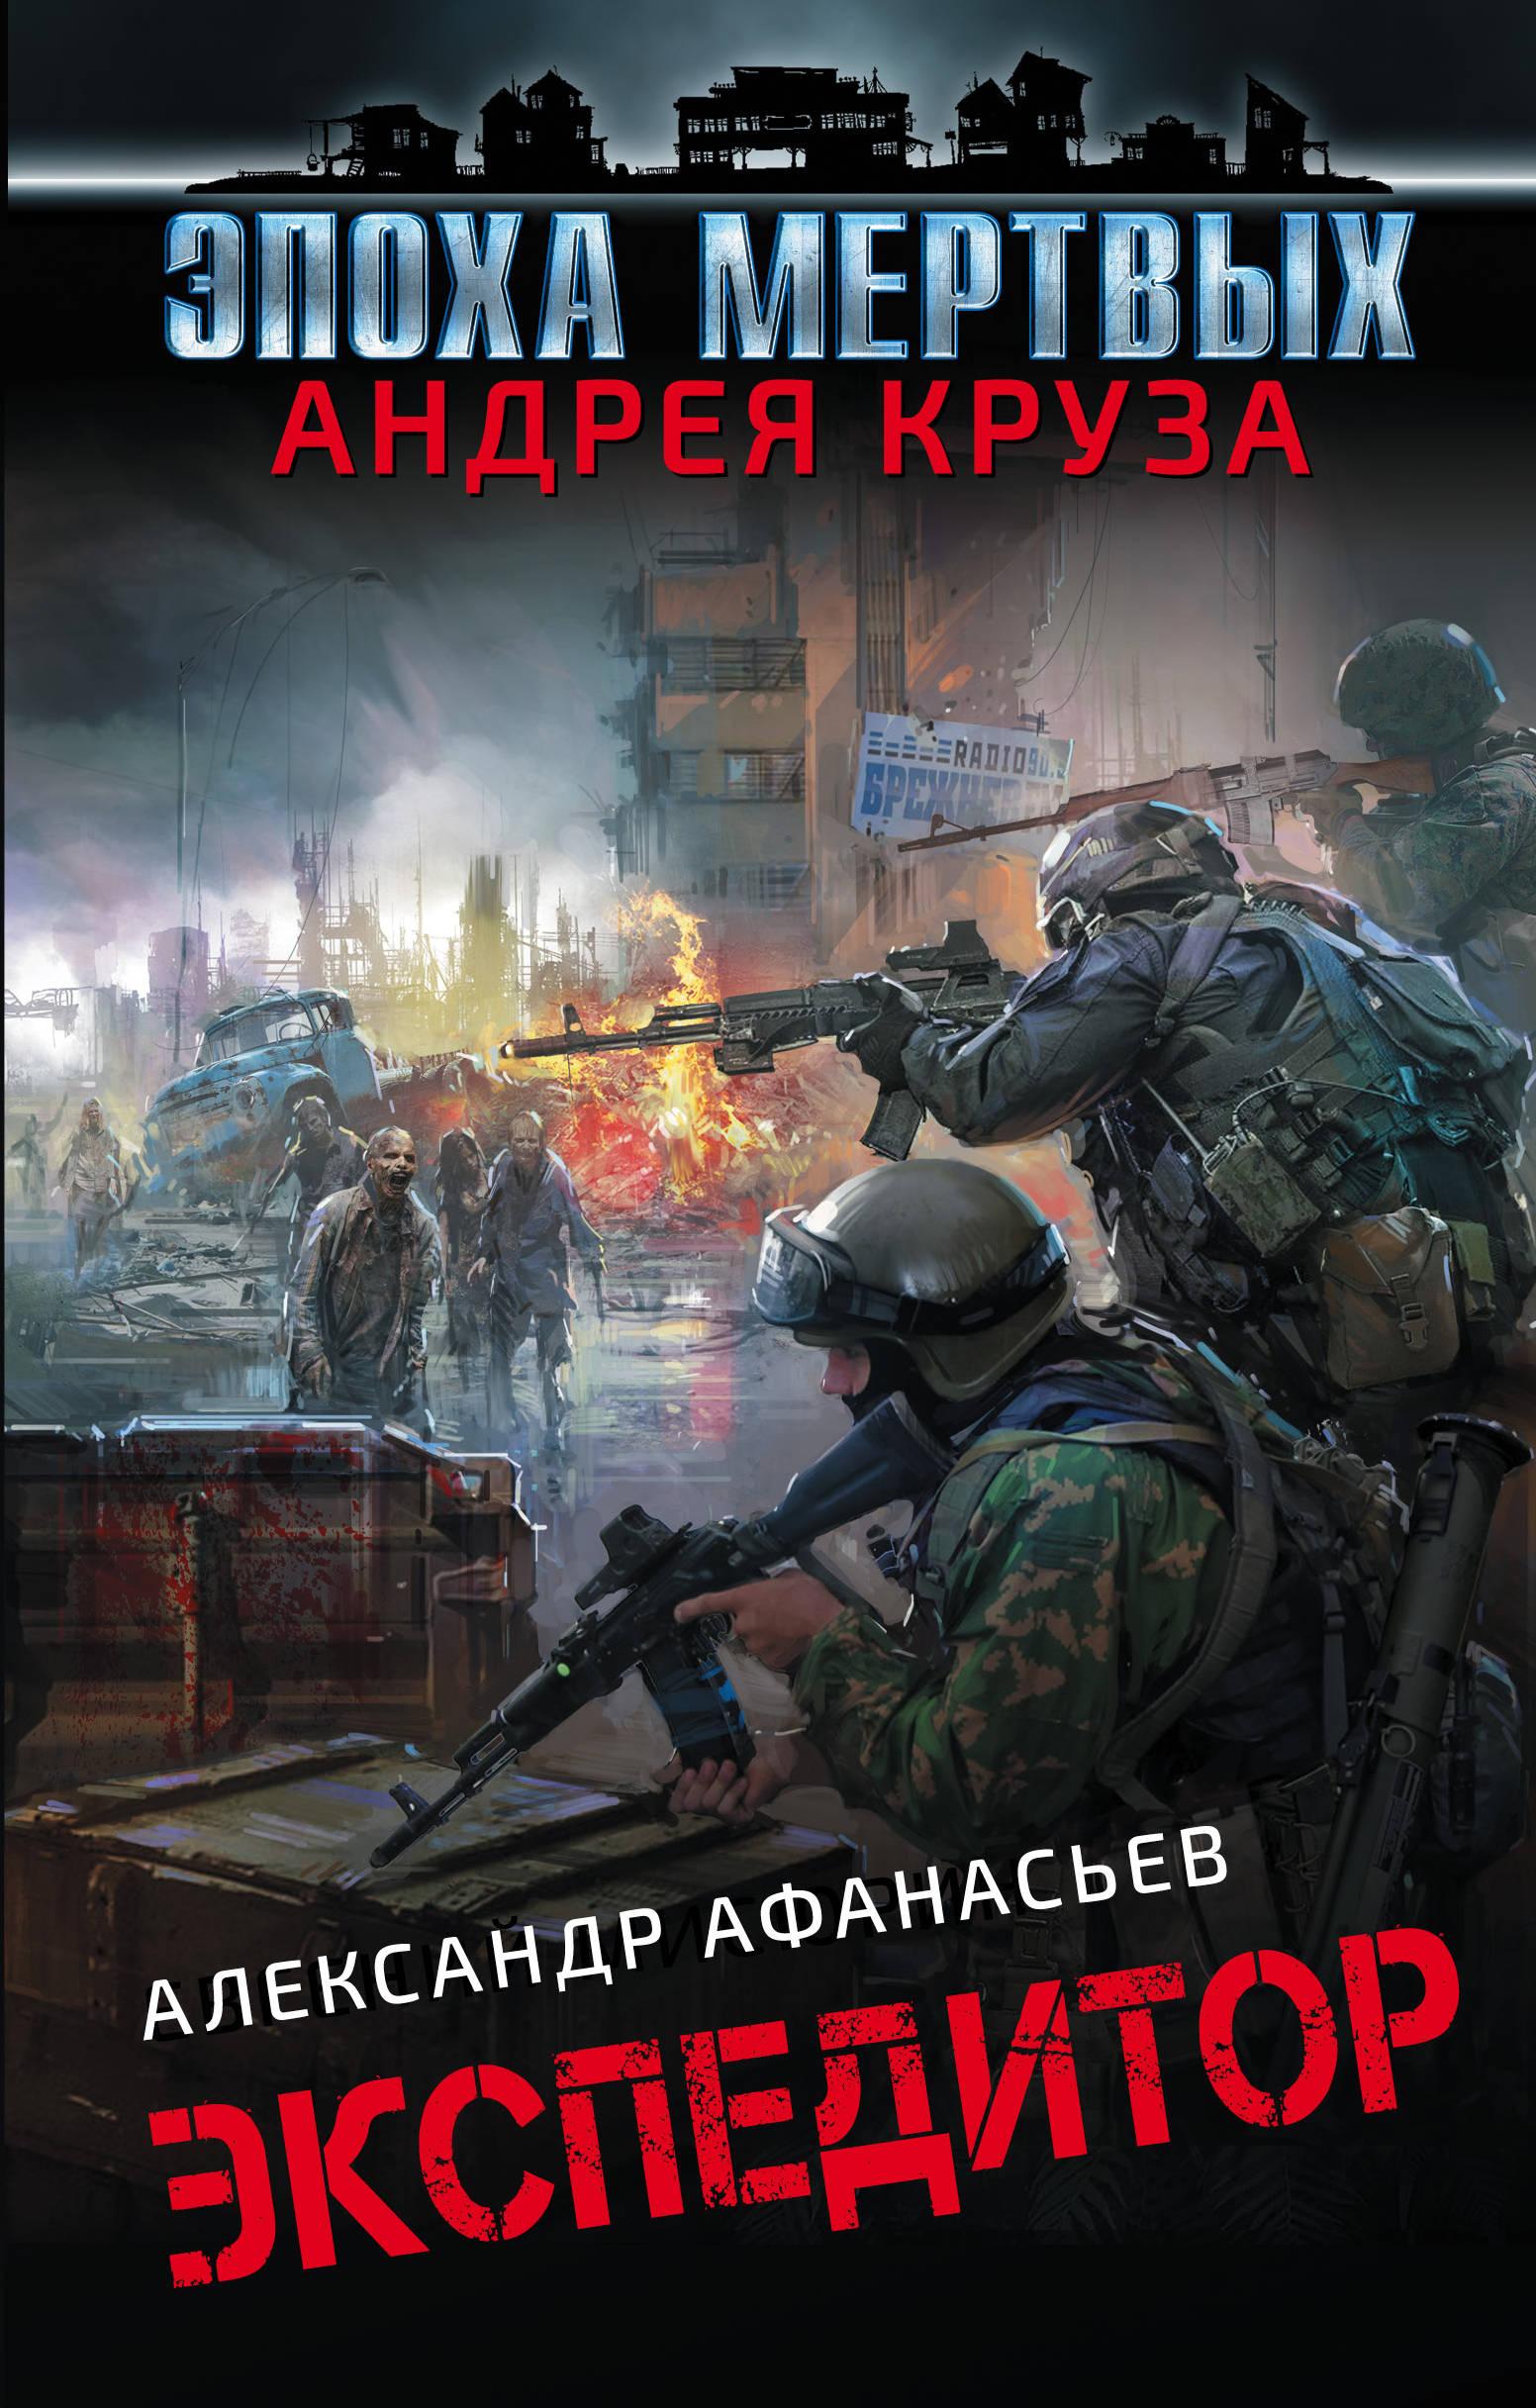 Александр Афанасьев Экспедитор